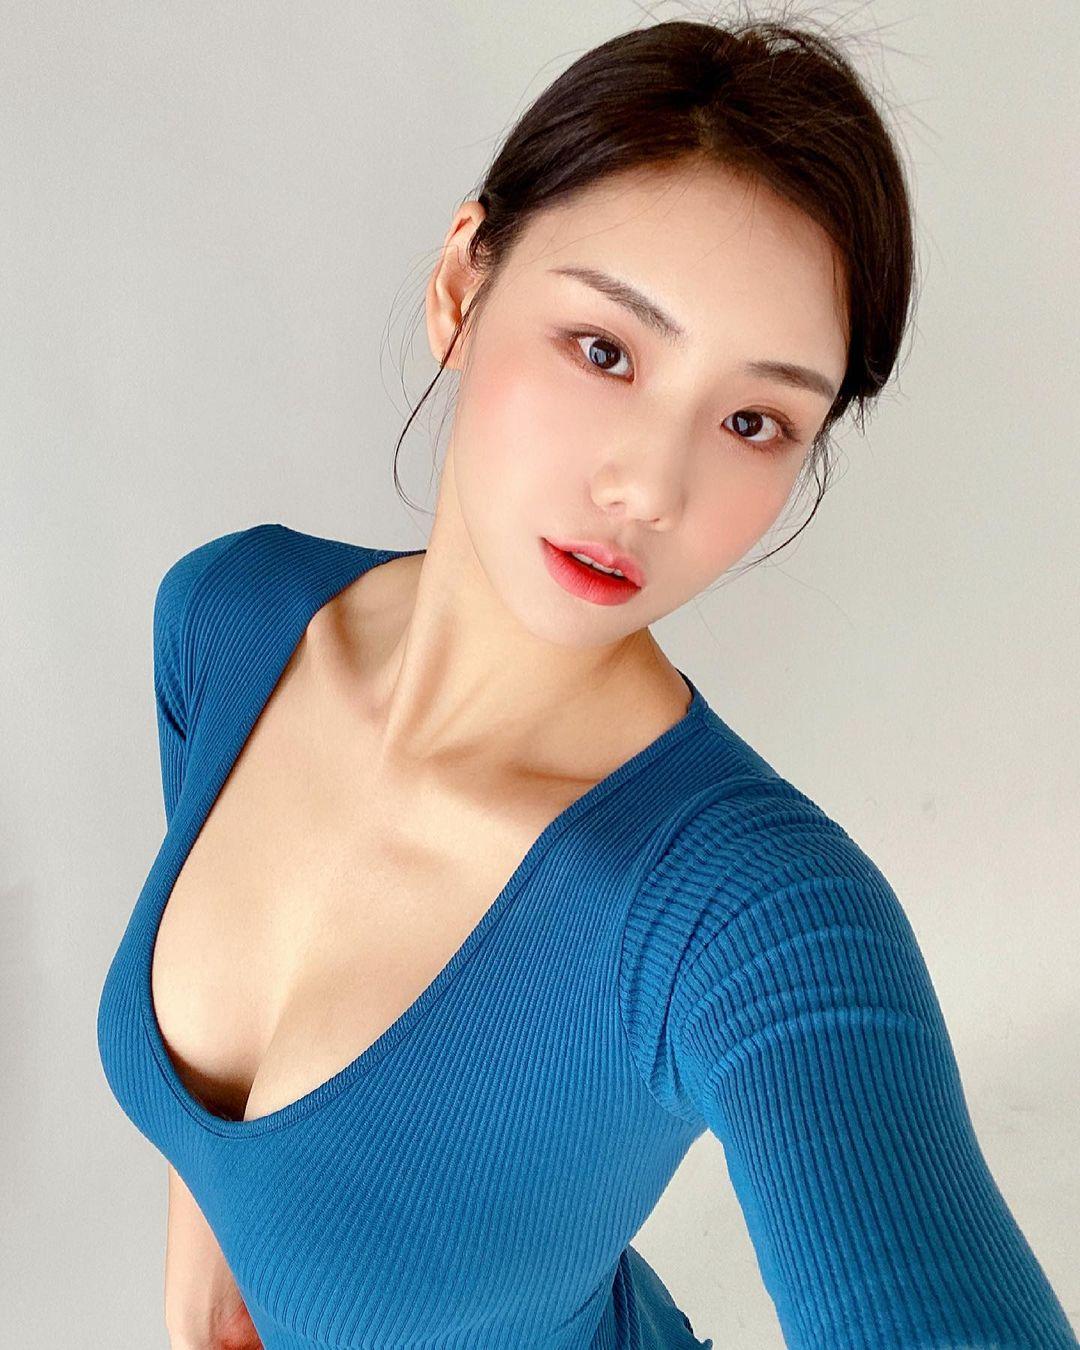 Nguyên tắc thời trang giúp thiếu nữ xứ Hàn khéo hút ánh nhìn nơi công cộng - 6